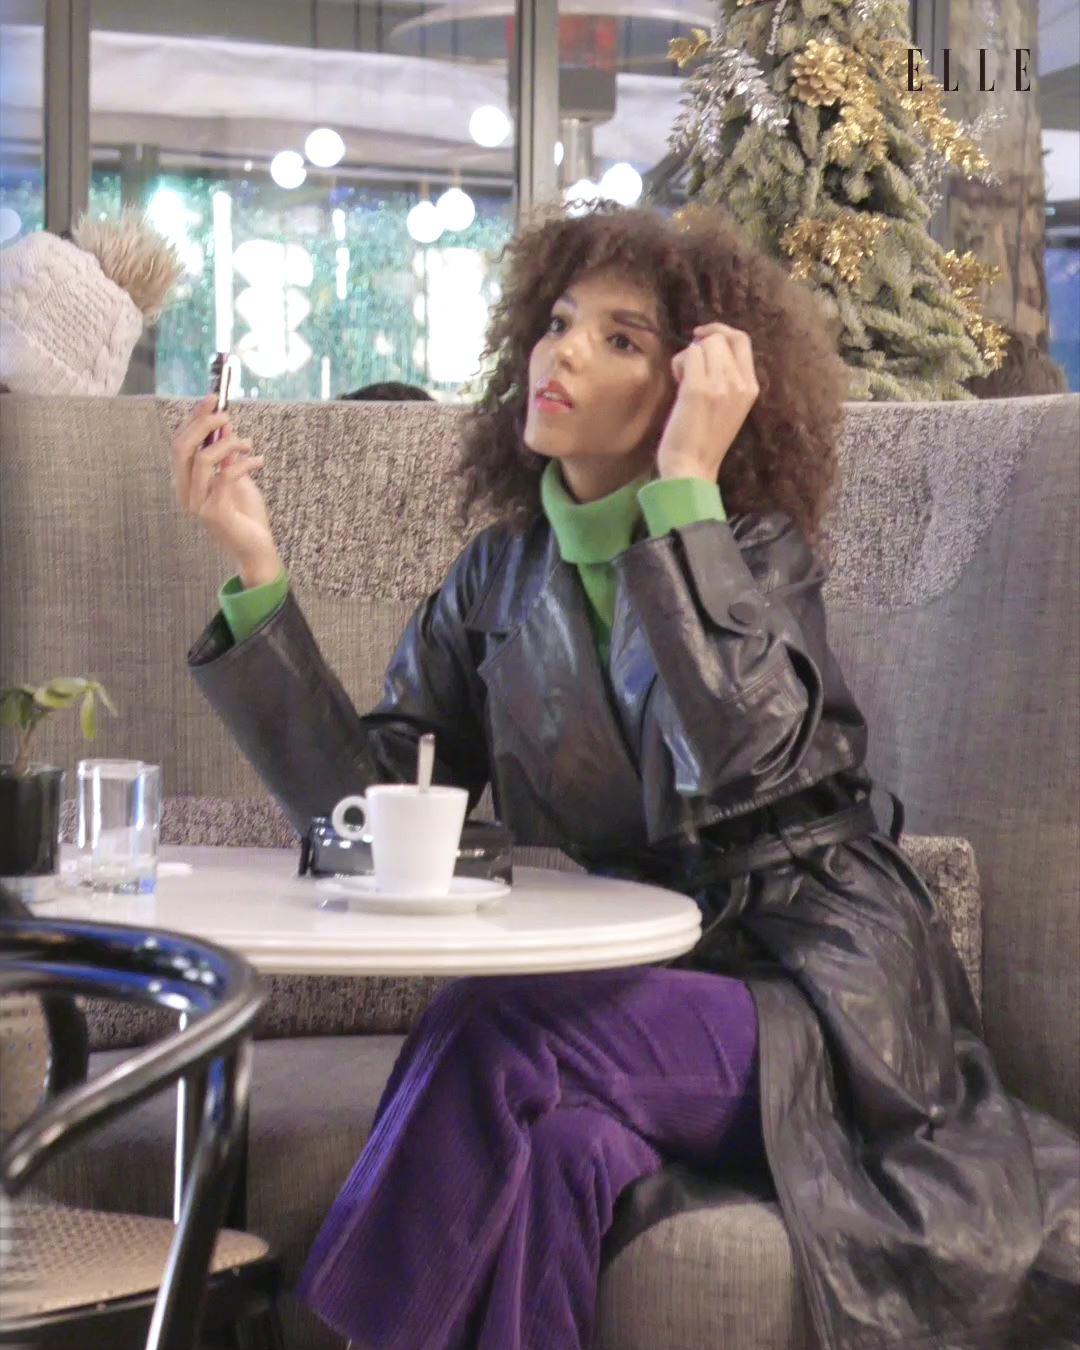 #ELLE뷰티어워즈2019 훔치고 싶은 속눈썹, 메이블린 푸쉬업 마스카라